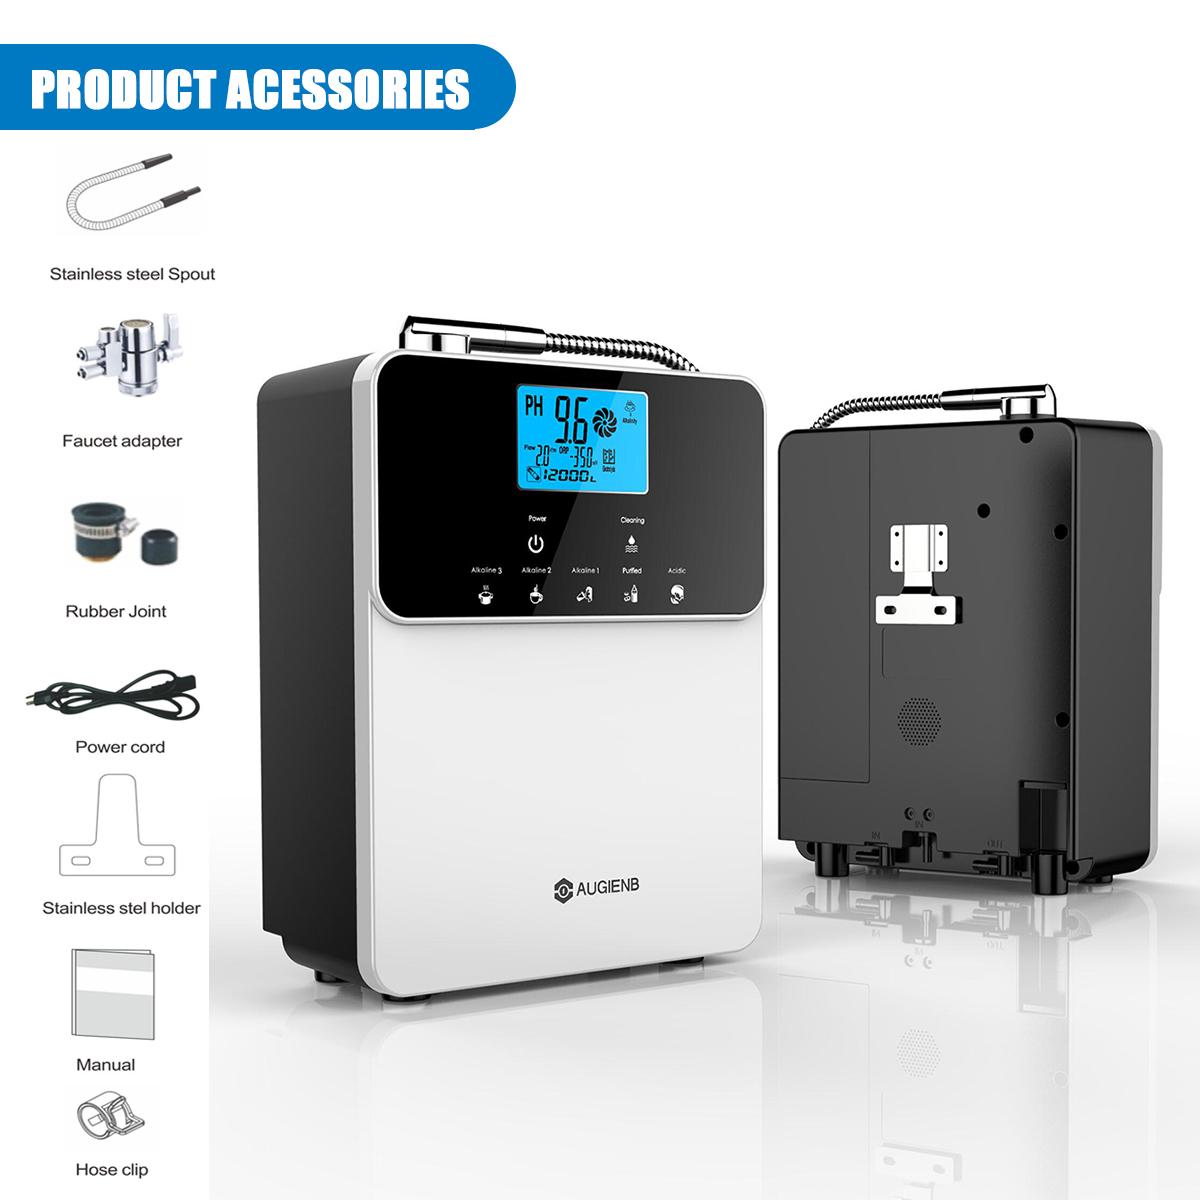 AUGIENB PH3.5-11 Alkaline Acid Water Ionizer & Purifier Machine Product Acessoriers